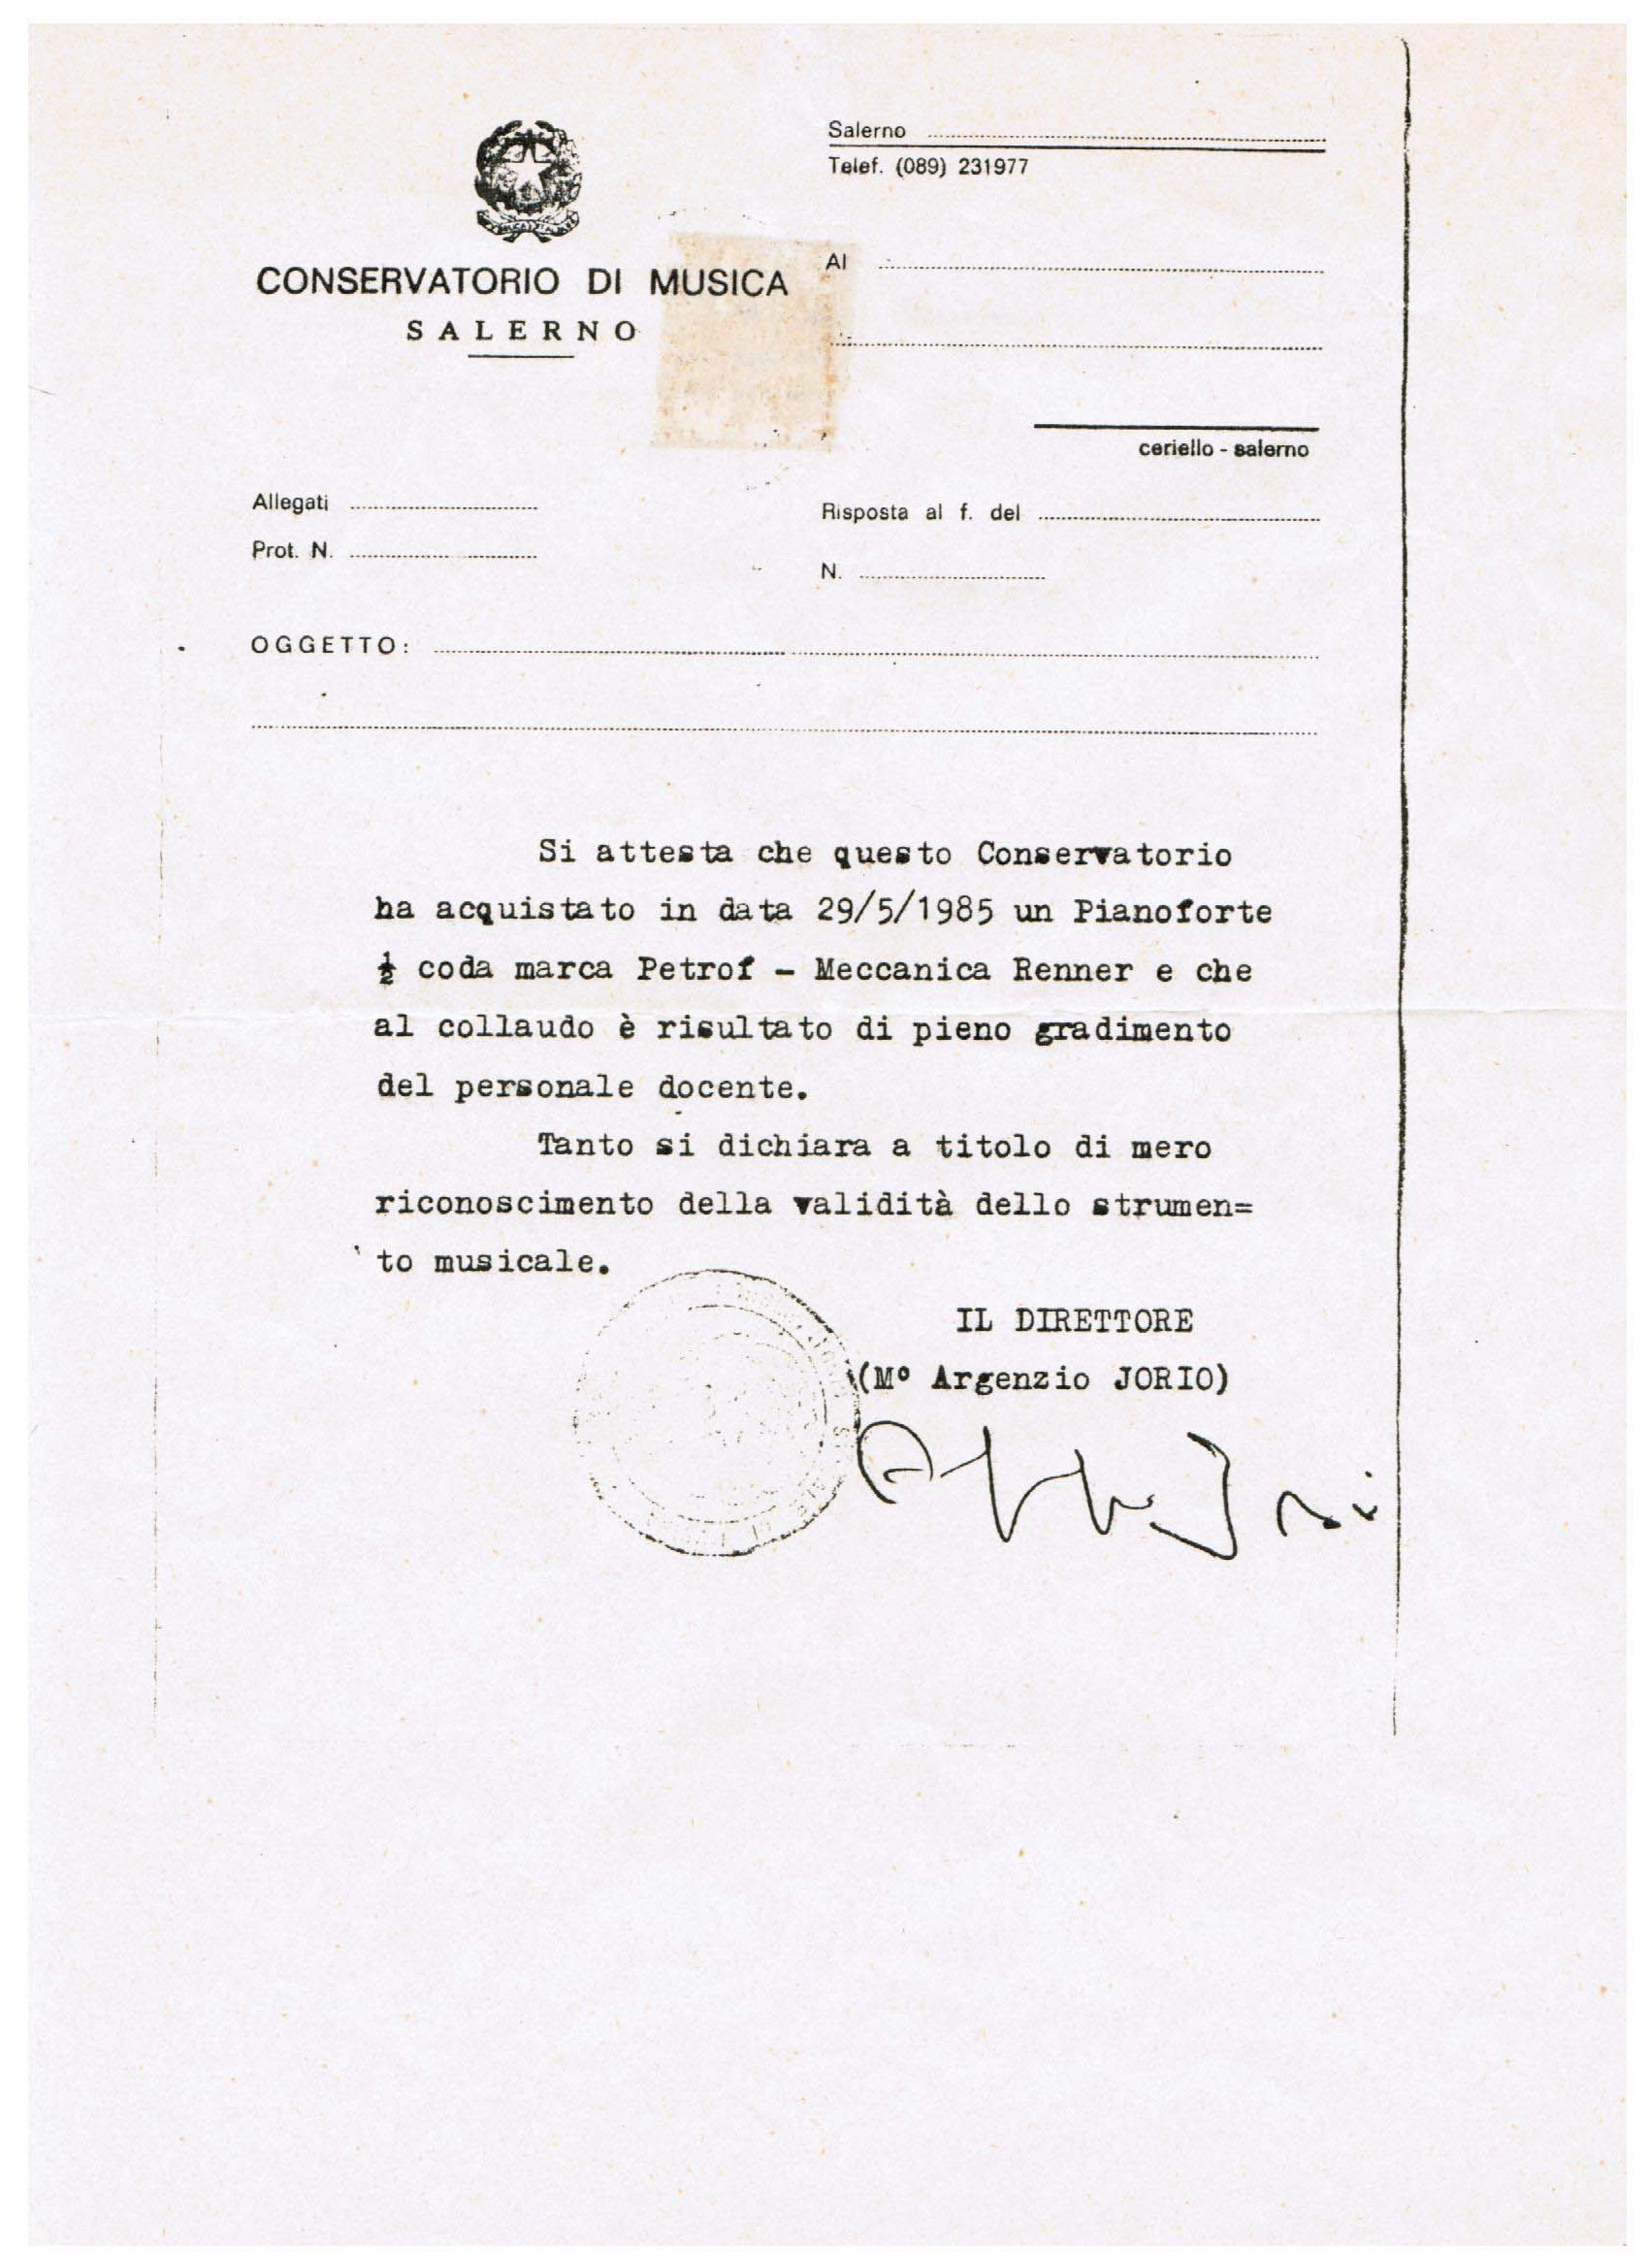 Vendita-pianoforte-per-conservatorio-salerno-Alberto-Napolitano-Pianoforti